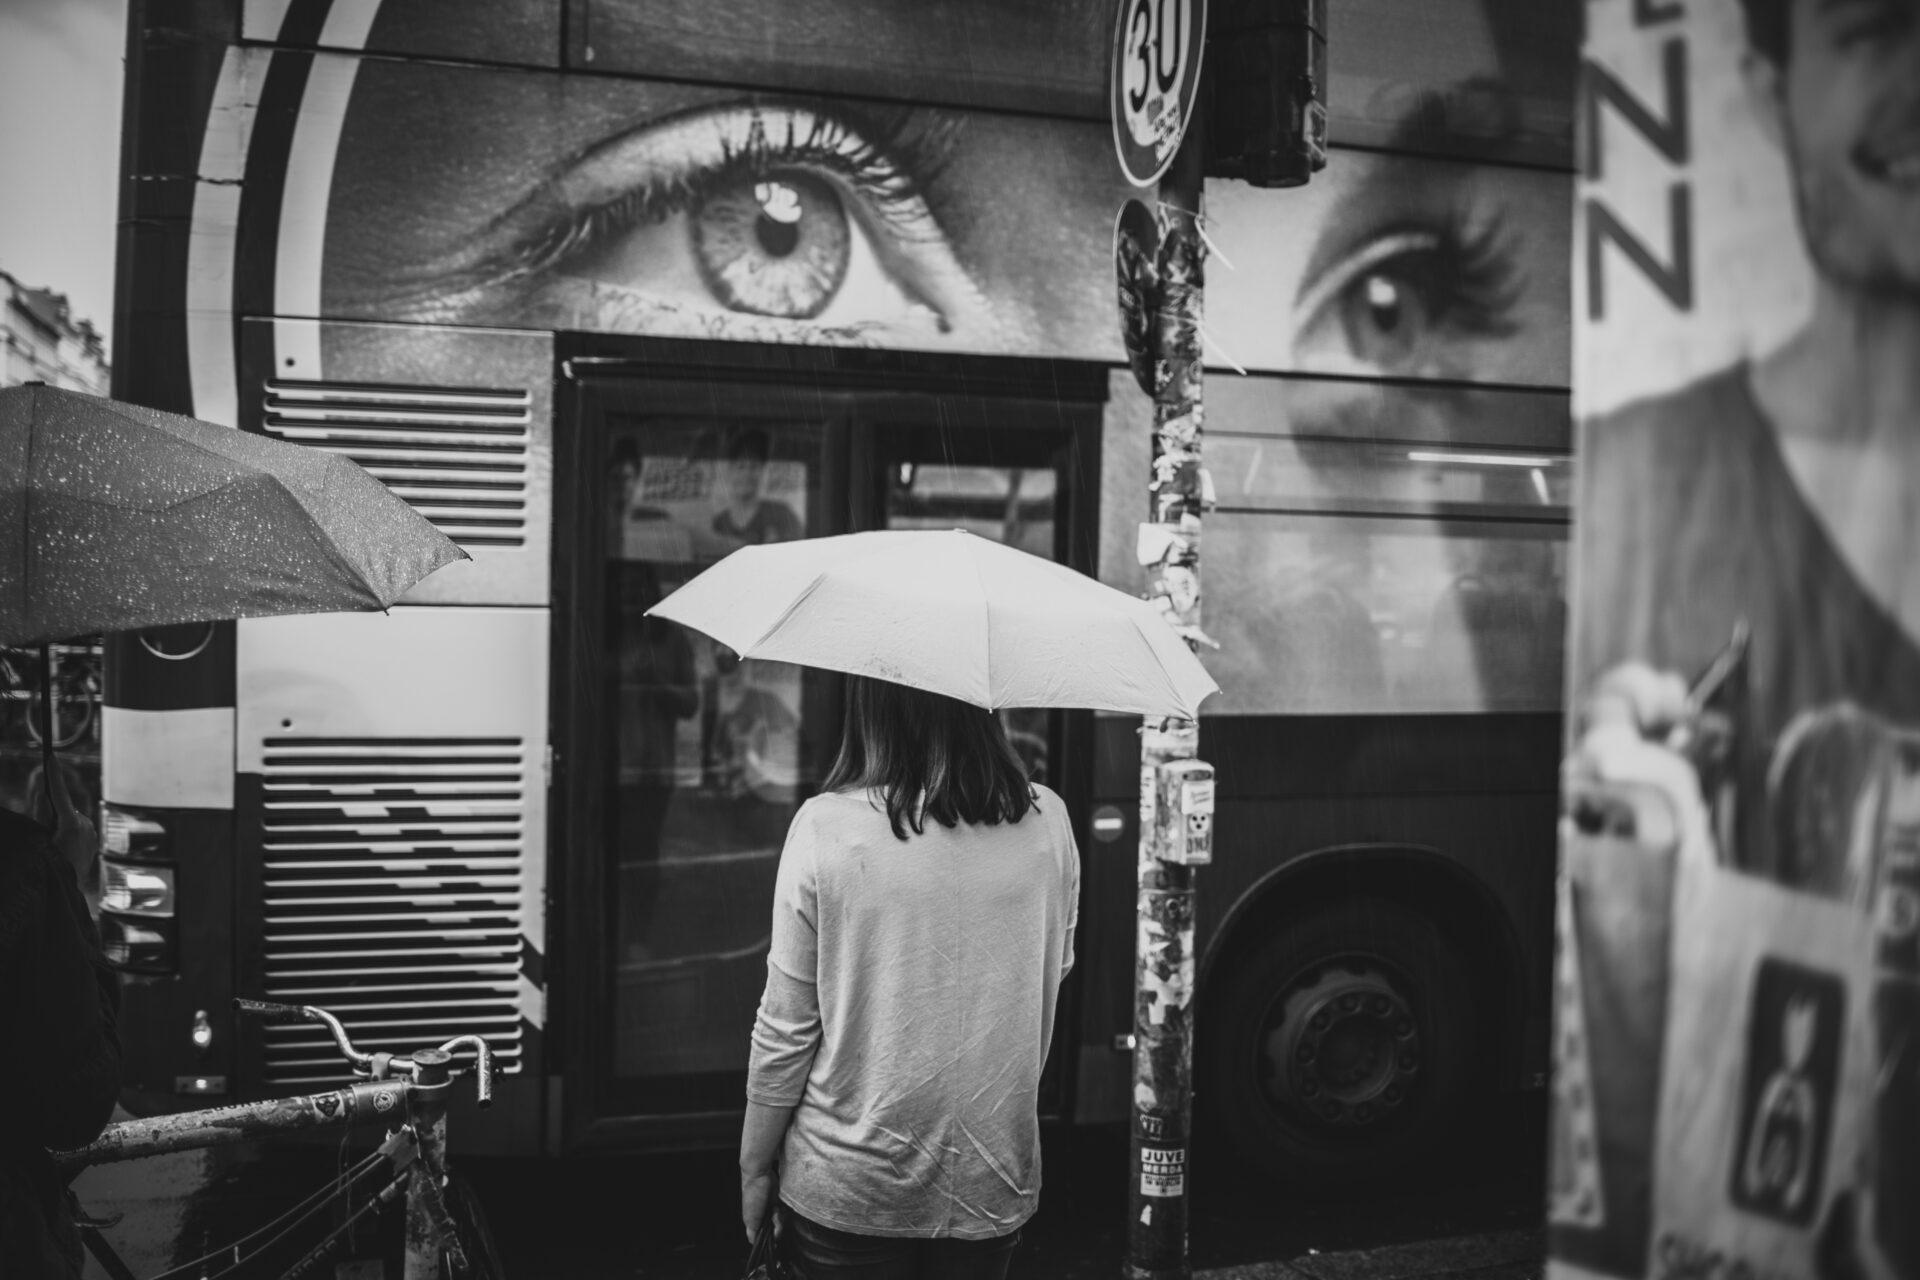 Germany_Berlin_0718_Streetphotography_Carolin-Weinkopf